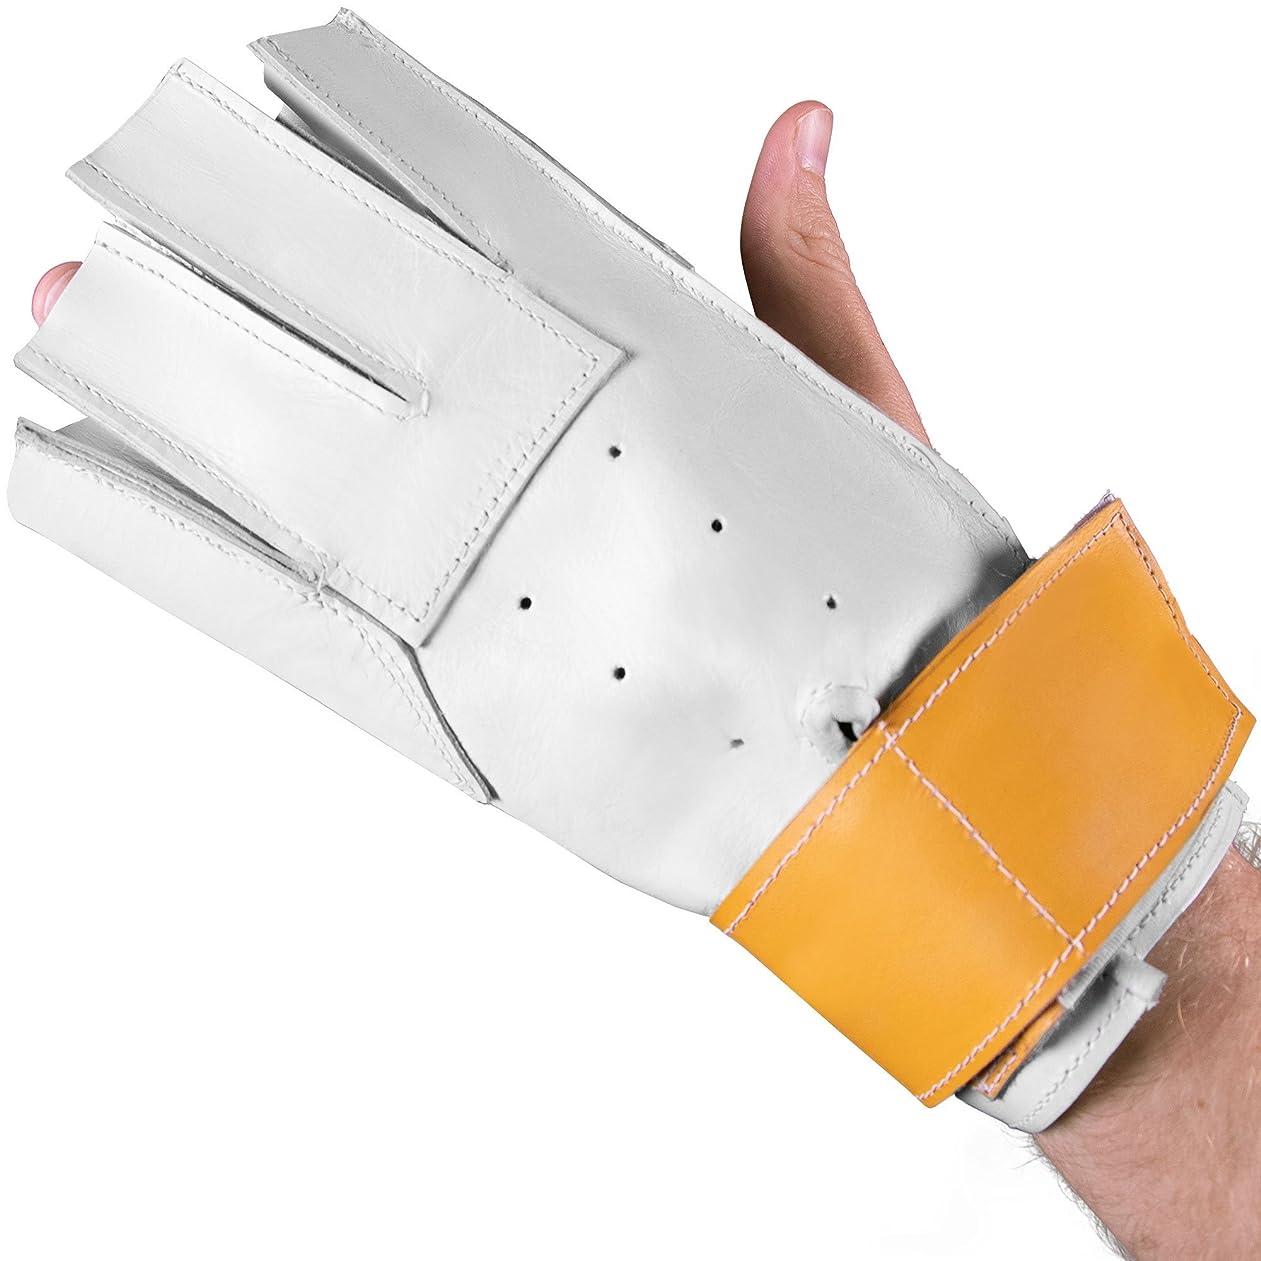 配る資源心臓クラウンスポーツ用品Hammer Throwグローブ、Left Handフィットfor Right Handed Throwers?–?トラック&フィールド機器のベスト?プラクティス、トレーニング、競技会